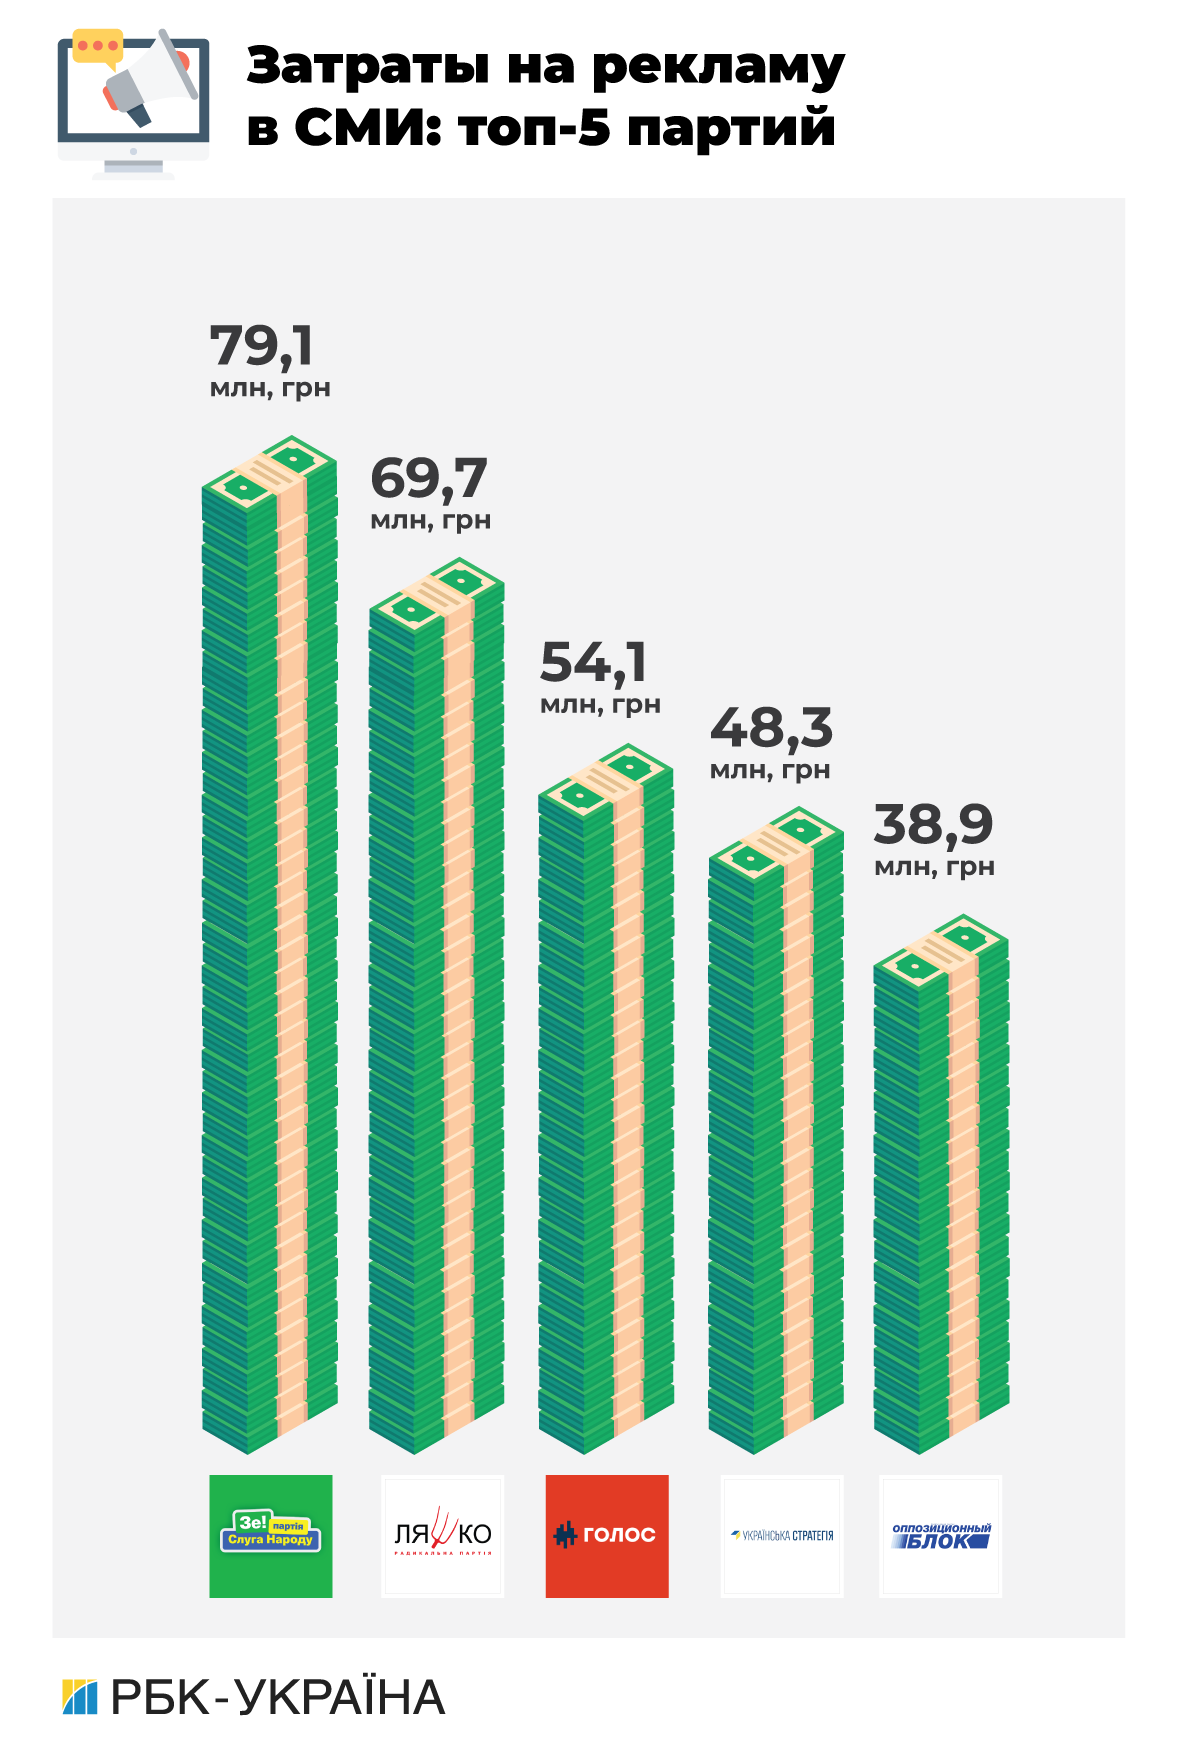 Цена популярности: сколько партии потратили на досрочные выборы в Верховную раду